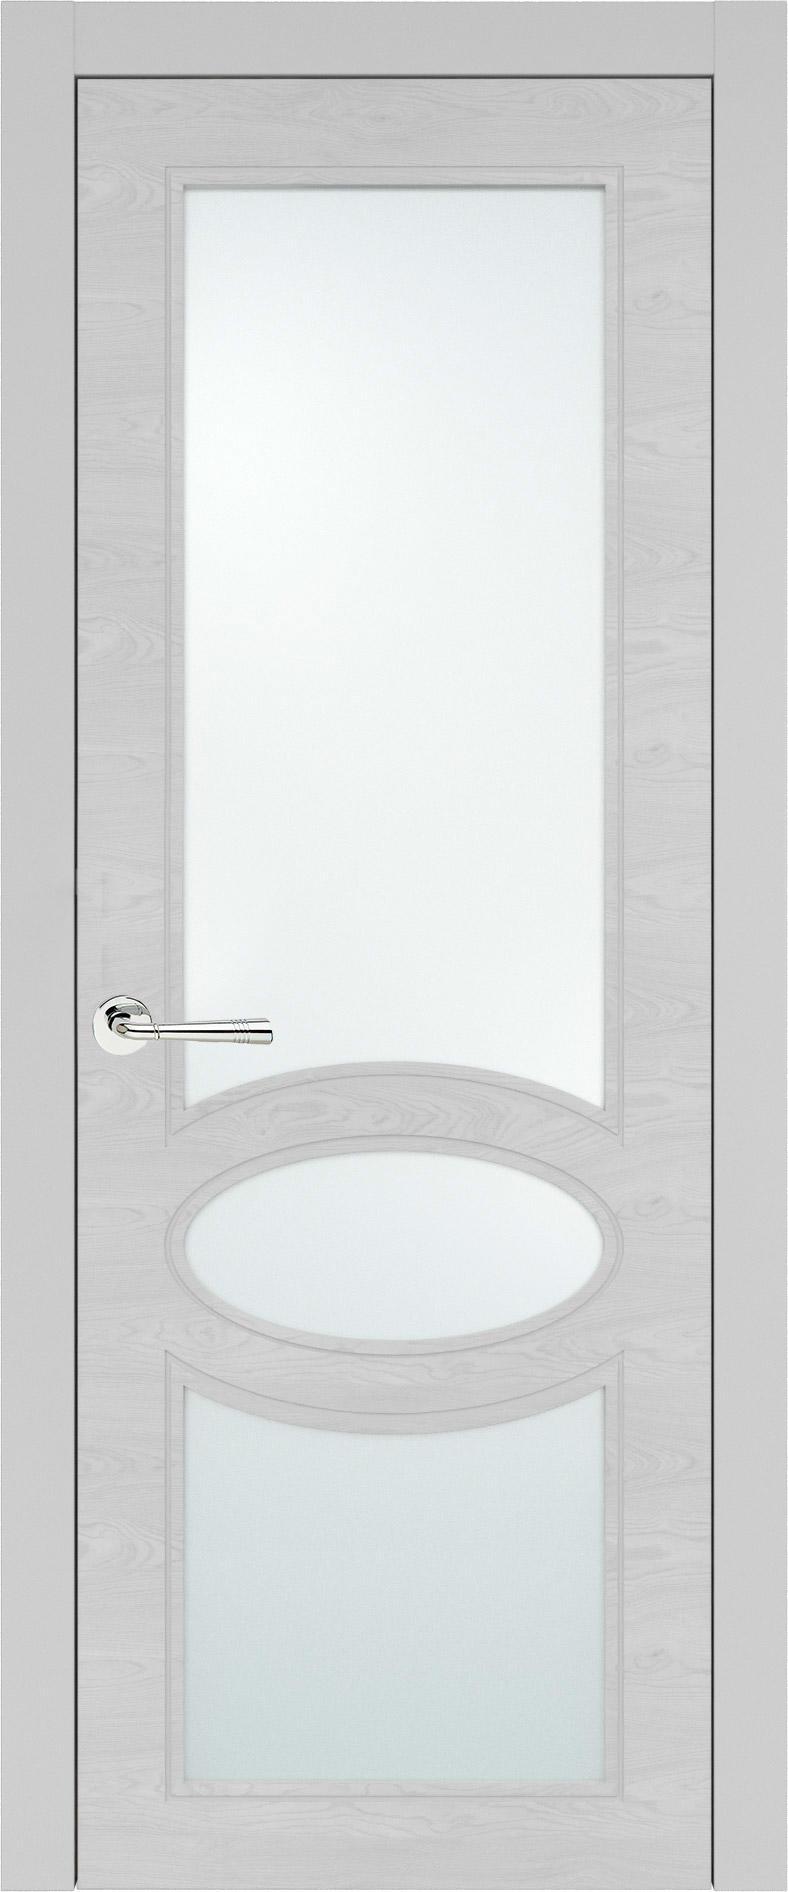 Florencia Neo Classic цвет - Серая эмаль по шпону (RAL 7047) Со стеклом (ДО)